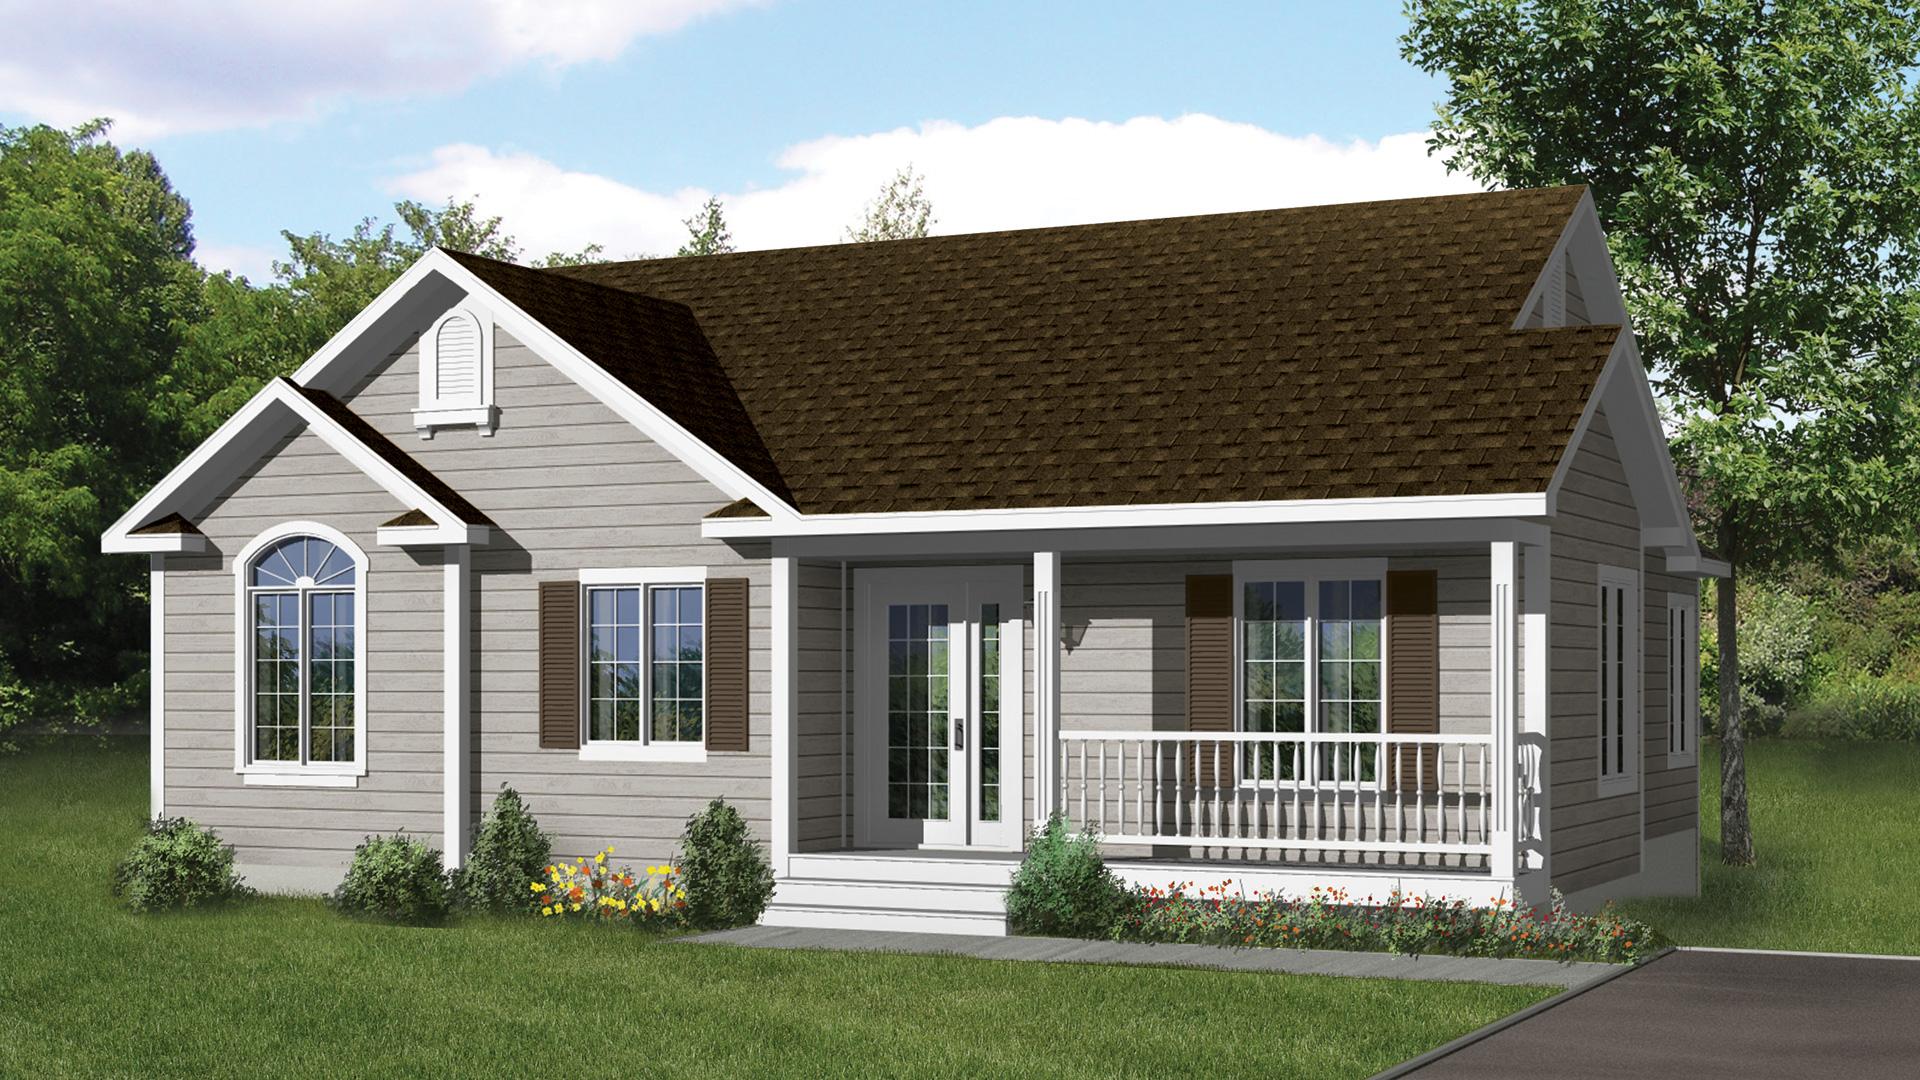 Mod le l gante maison champ tre pro fab constructeur for Modele maison champetre